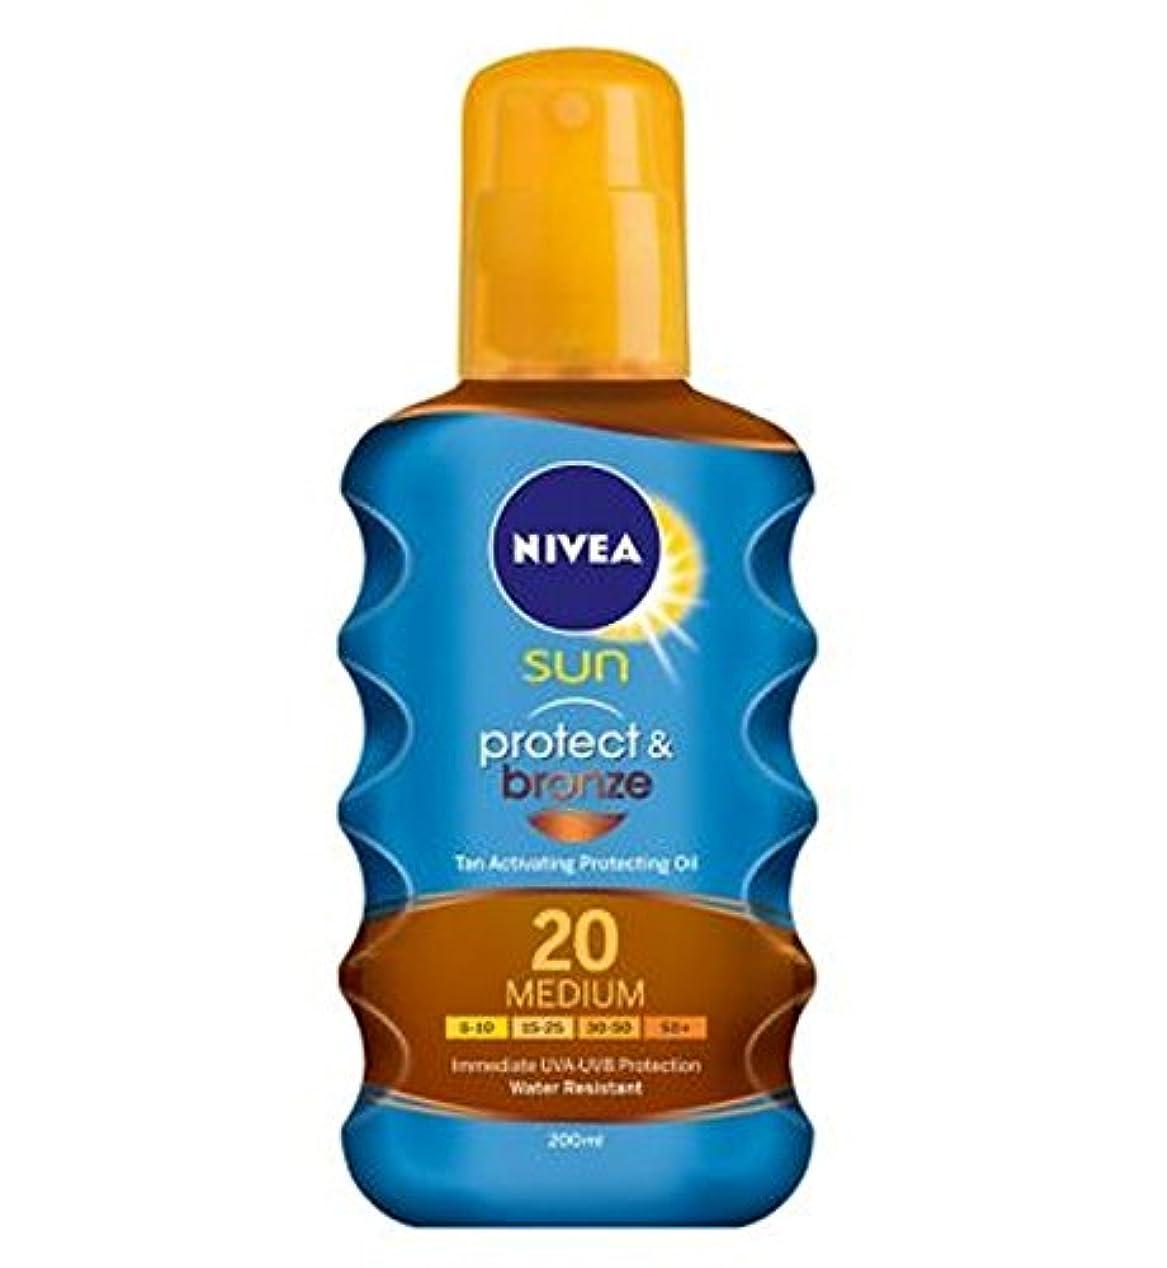 五入浴代名詞NIVEA SUN Protect & Bronze Tan Activating Protecting Oil 20 Medium 200ml - ニベアの日は、油媒体20 200ミリリットルを保護する日焼け活性化を保護...